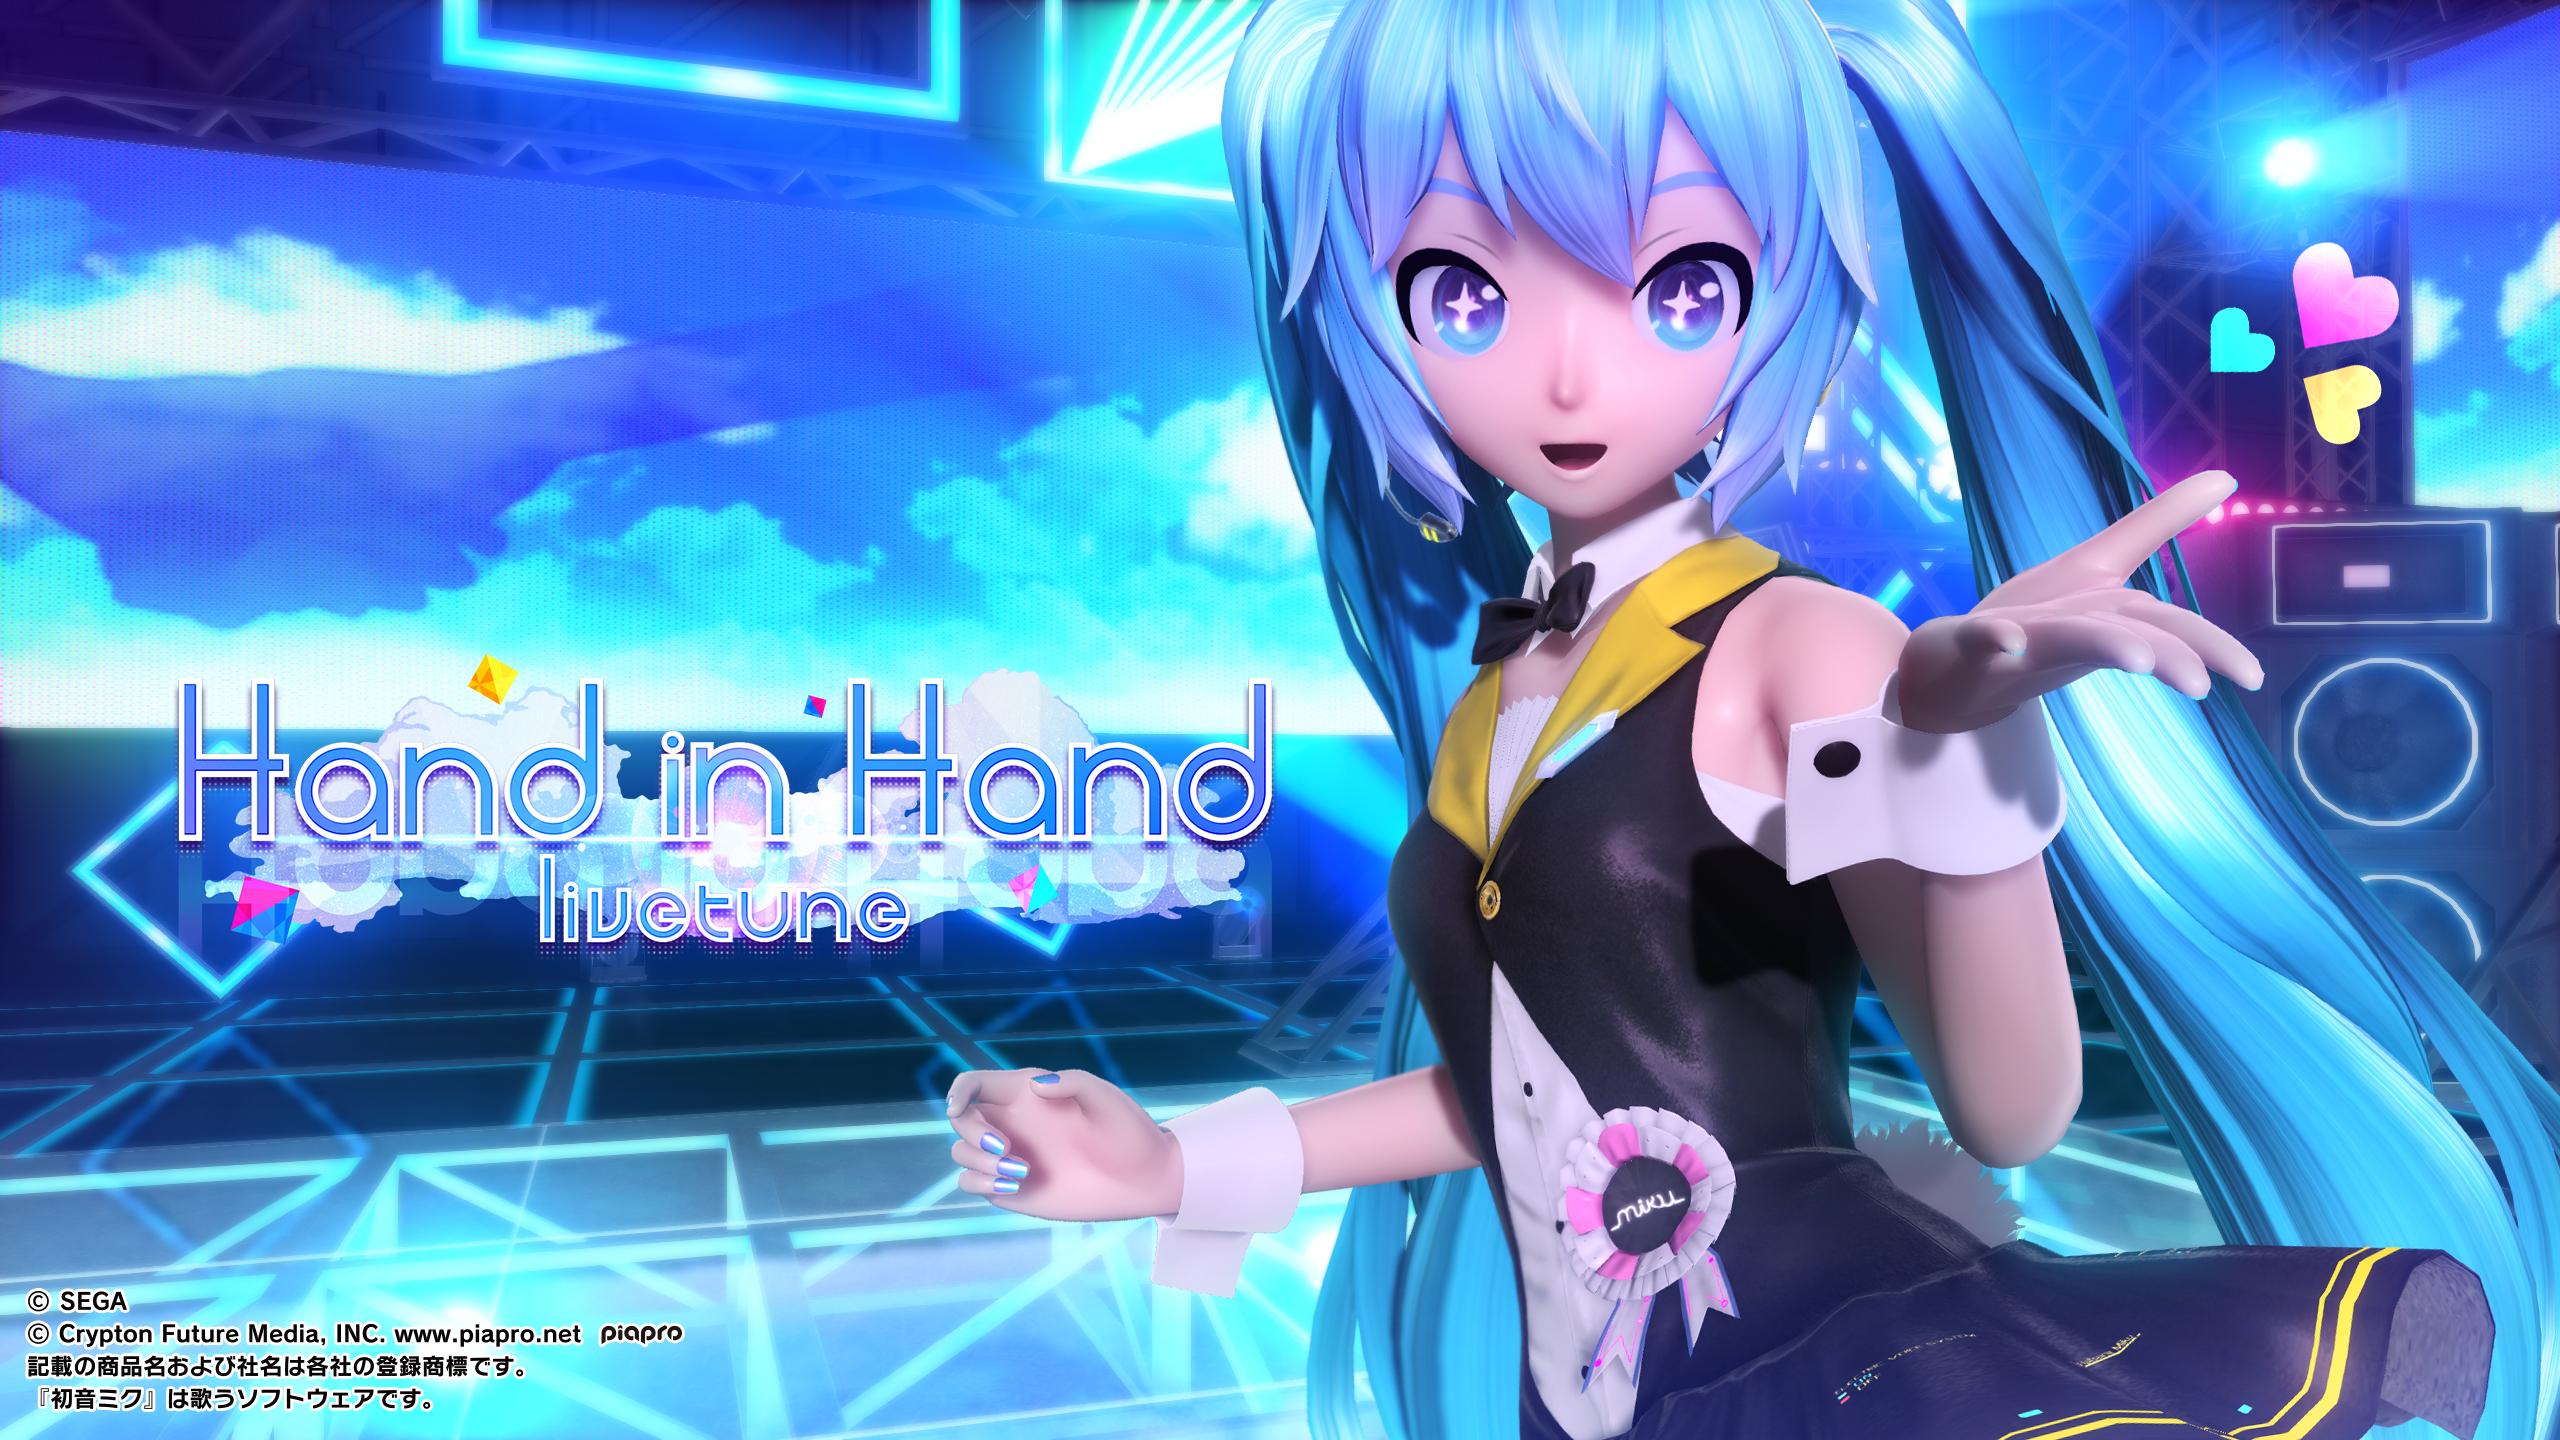 Hatsune miku project diva arcade future tone adds lol - Hatsune miku project diva future ...